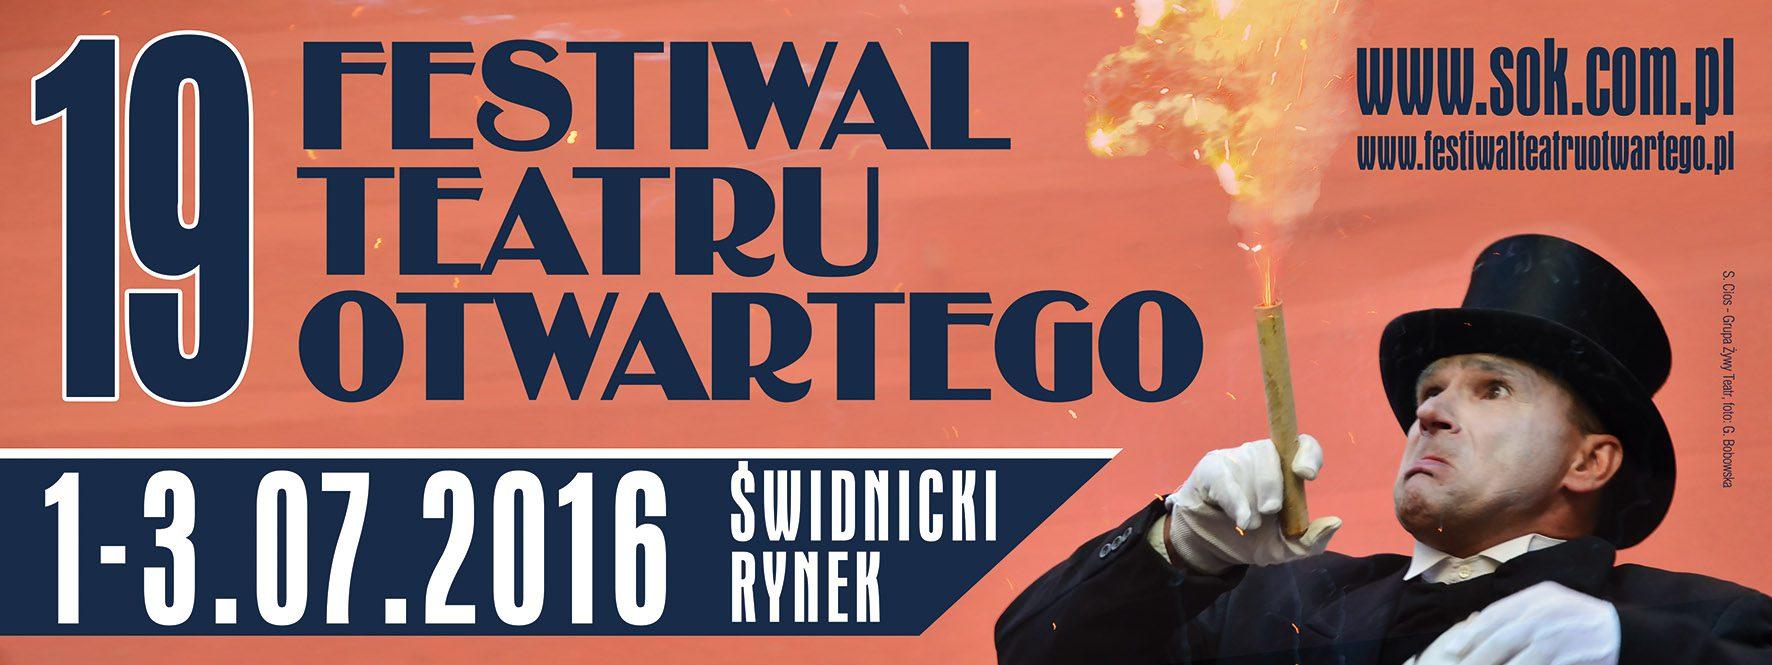 XVIII Festiwal Teatru Otwartego